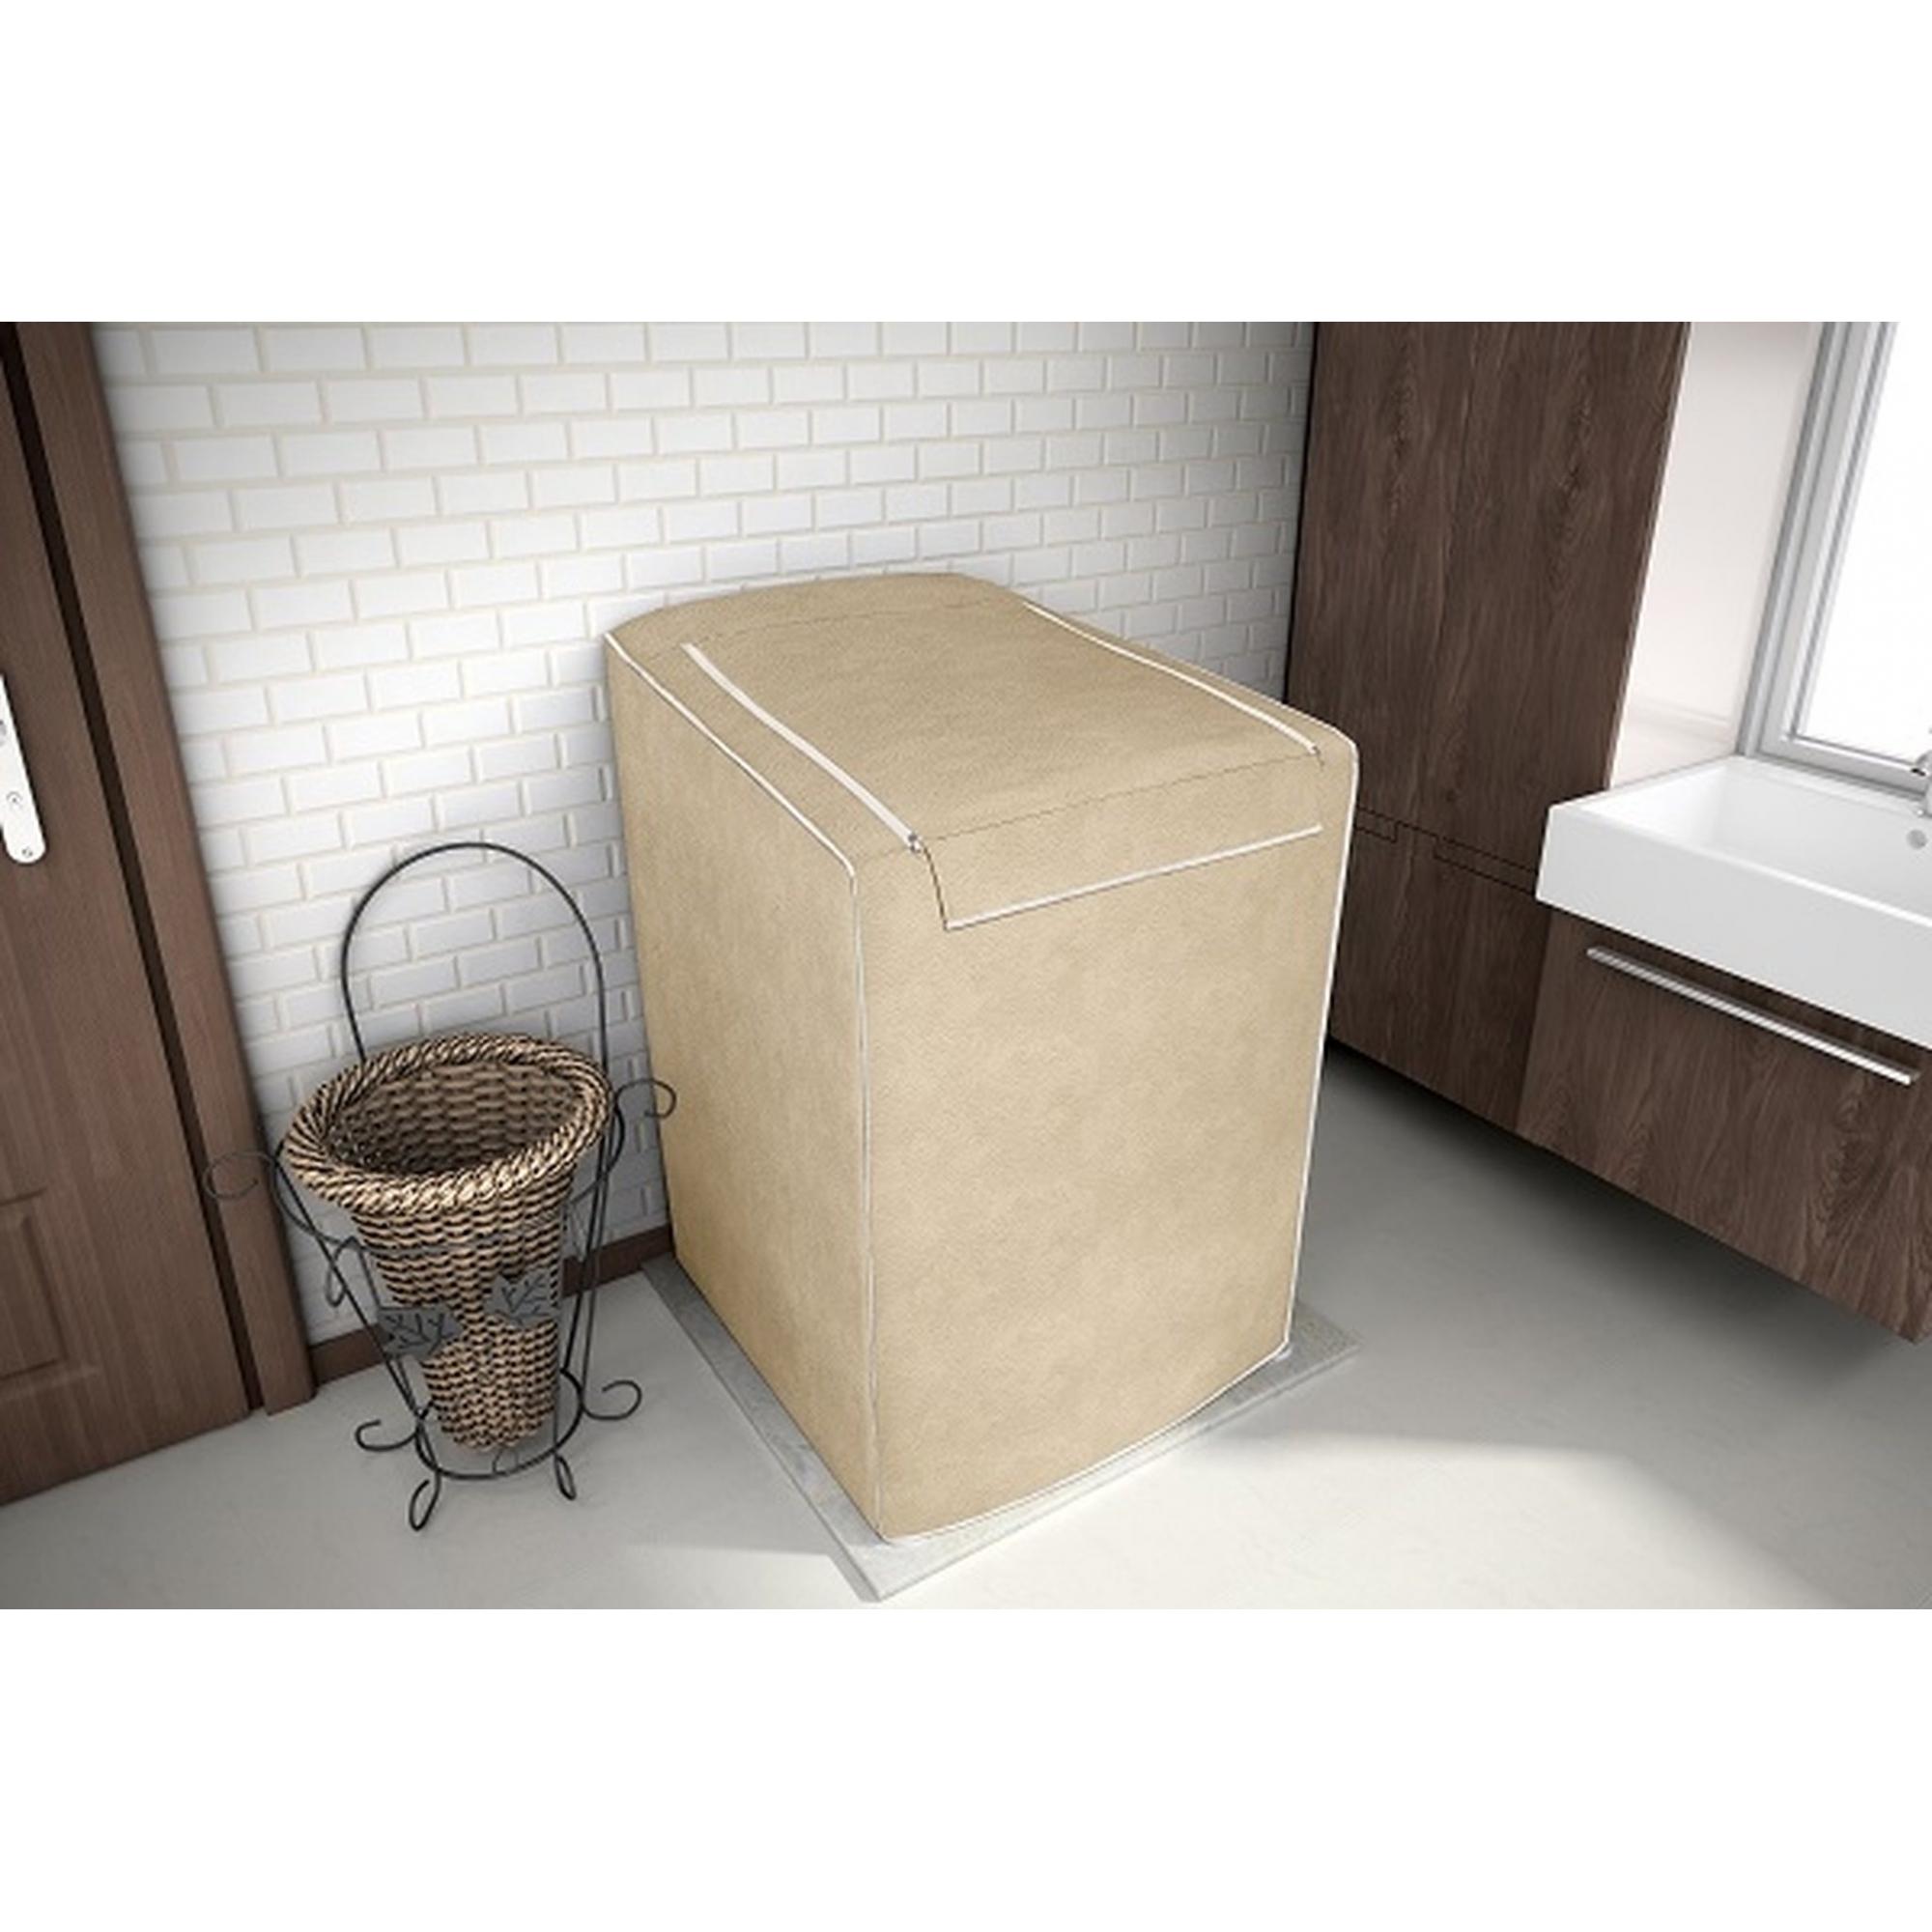 Capa para maquina de lavar Tamanho P Bege